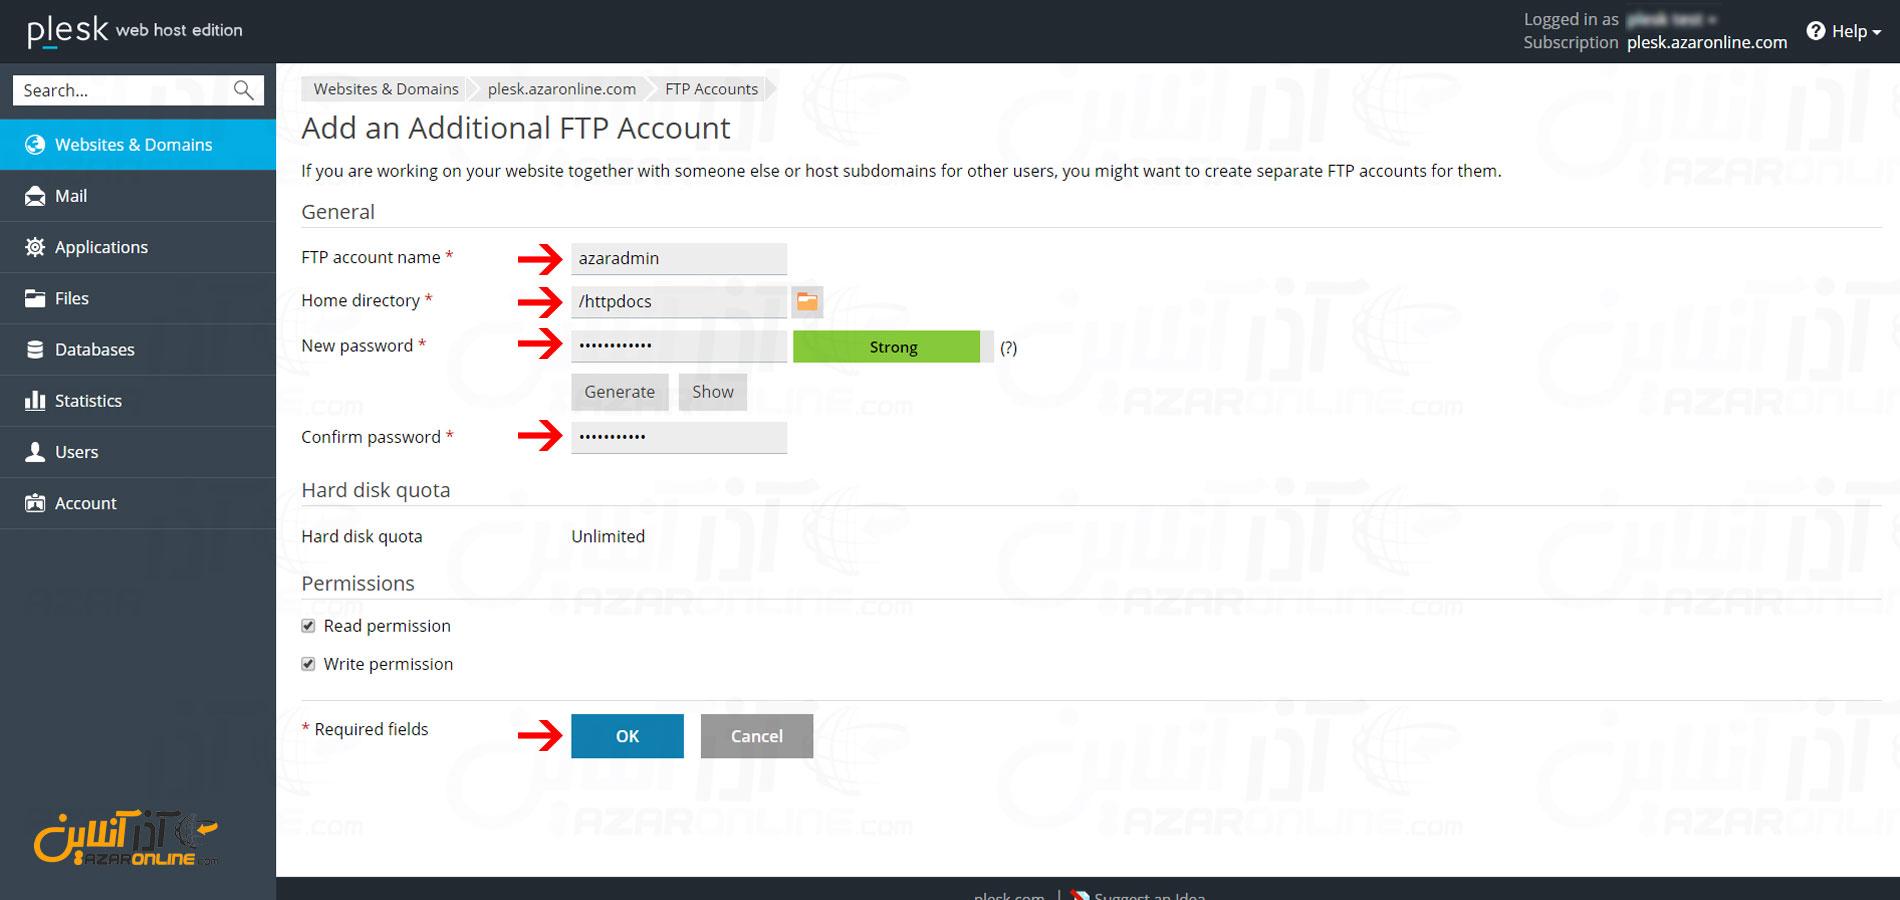 وارد کردن اطلاعات درخواستی جهت ساخت اکانت FTP